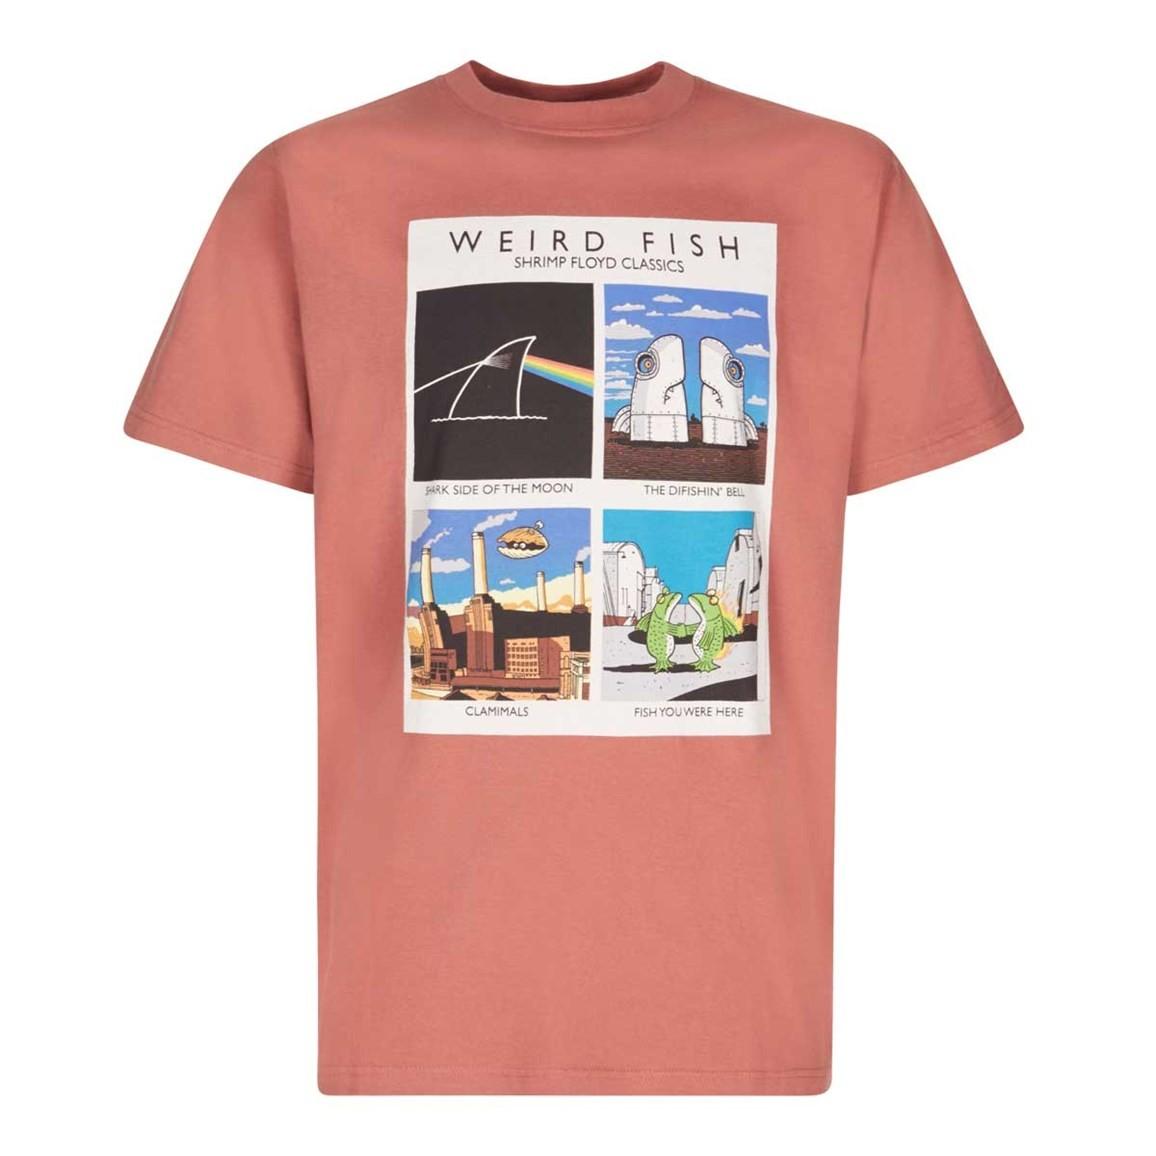 Weird Fish Shrimp Floyd Artist T-Shirt Brick Red Size 2XL